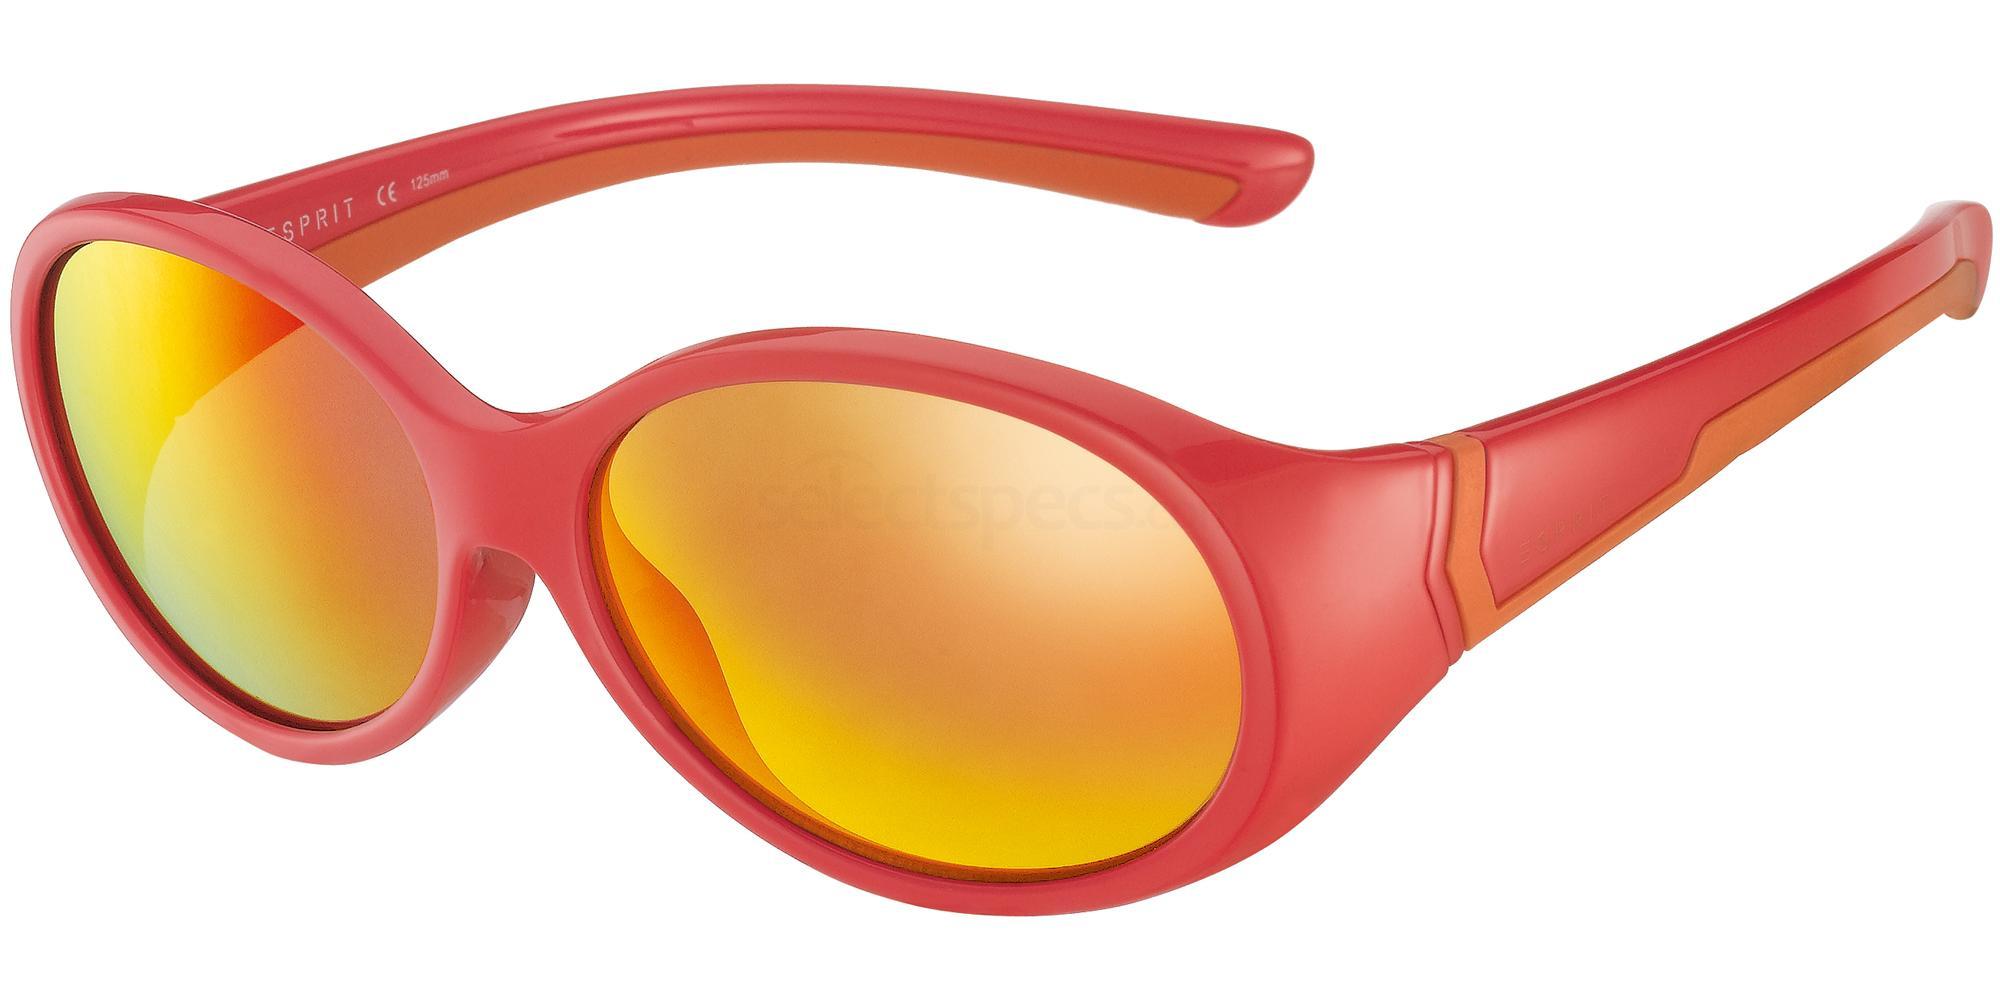 531 ET19763 Sunglasses, Esprit KIDS